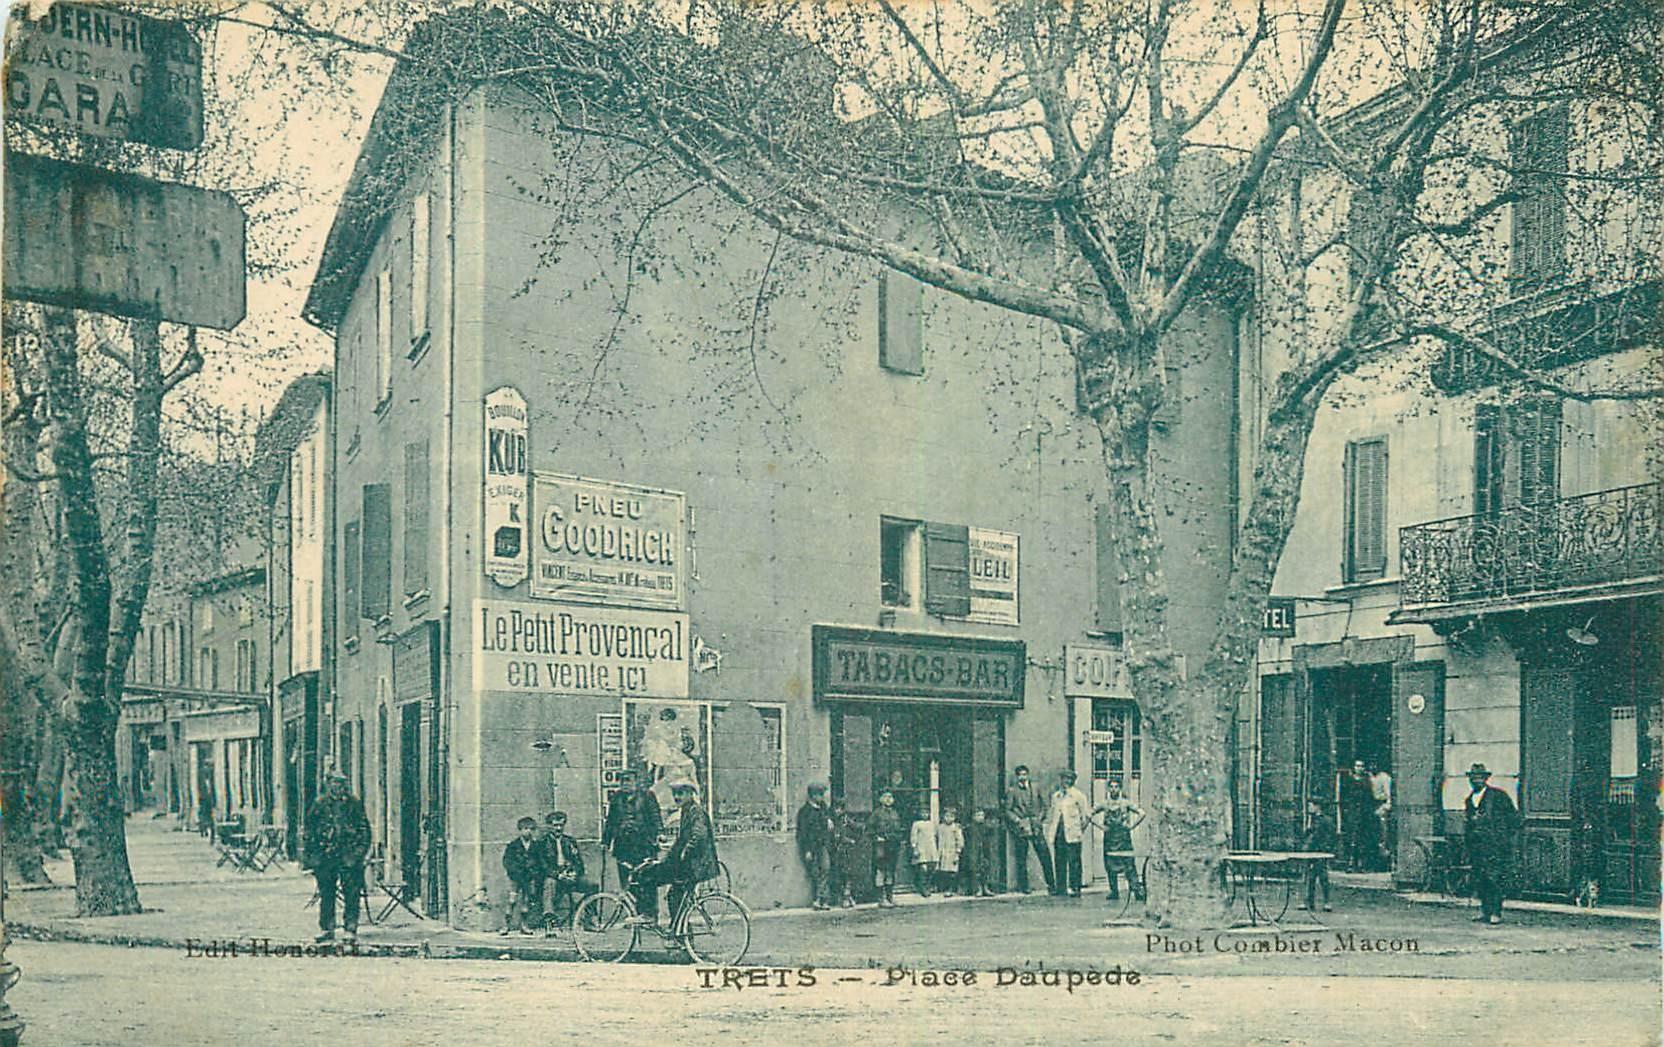 WW TRETS. Bar Tabac et Coiffeur Place Daupède 1925